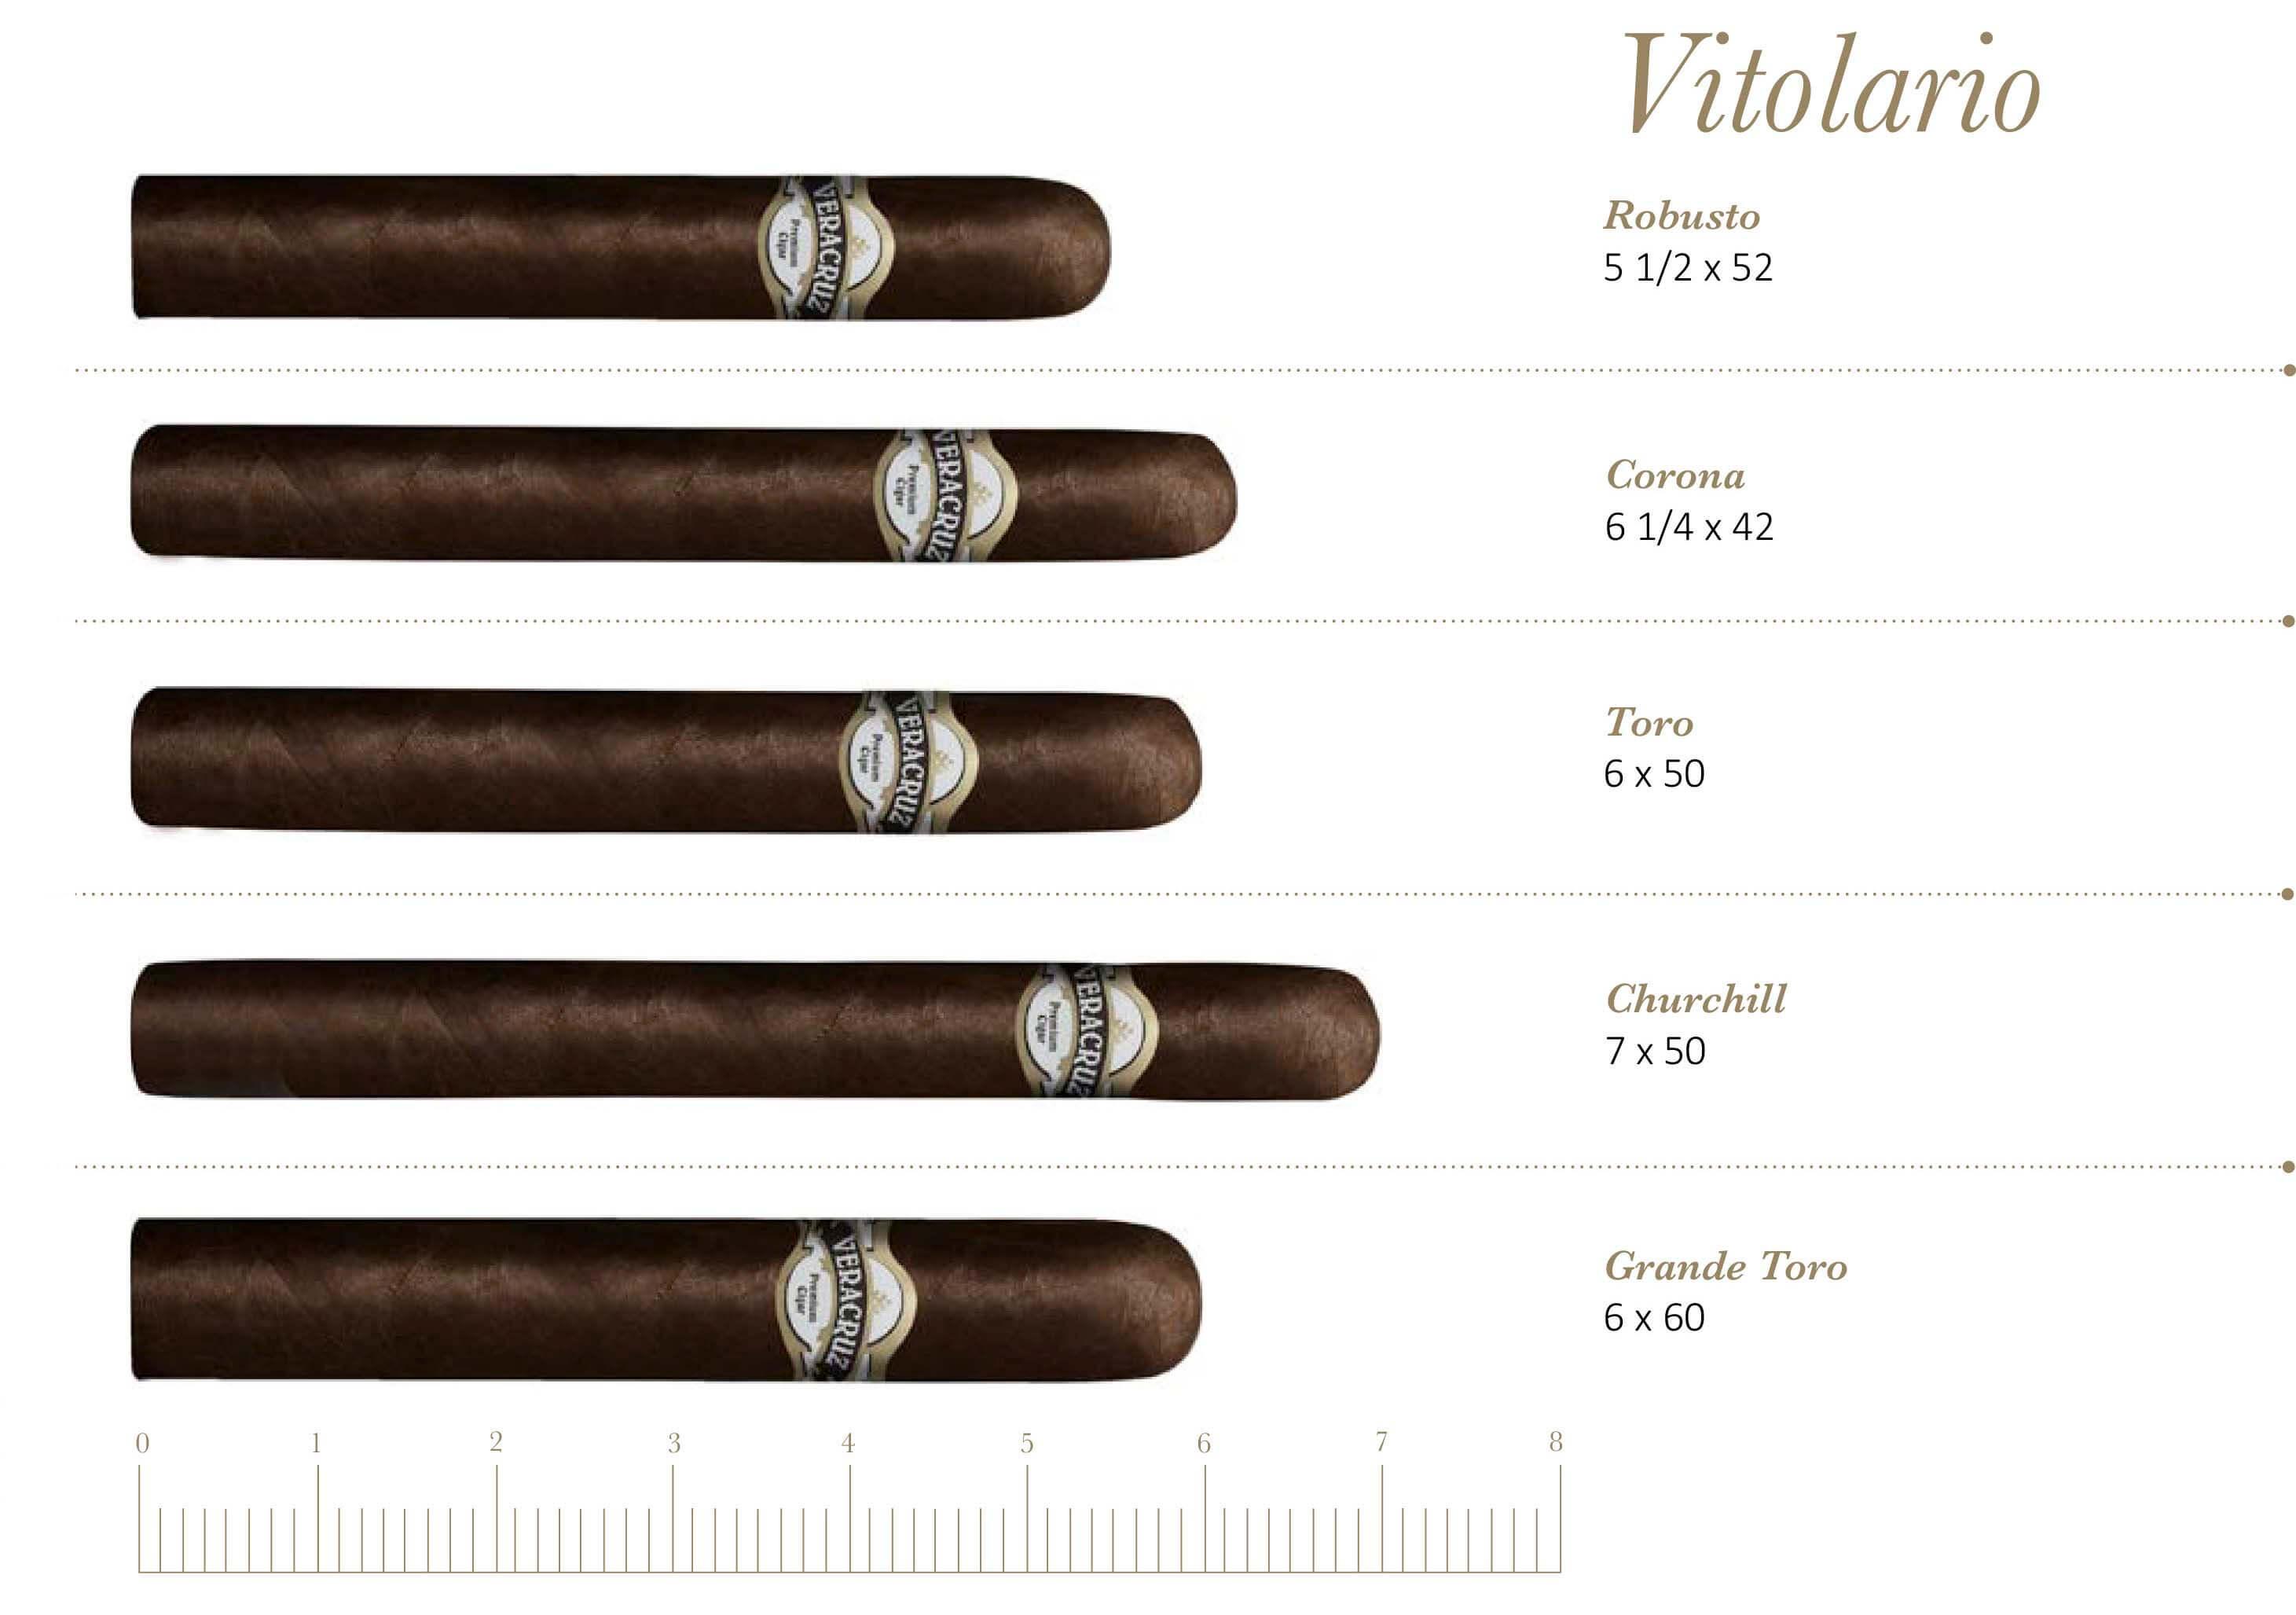 Vitolario Veracruz Premium